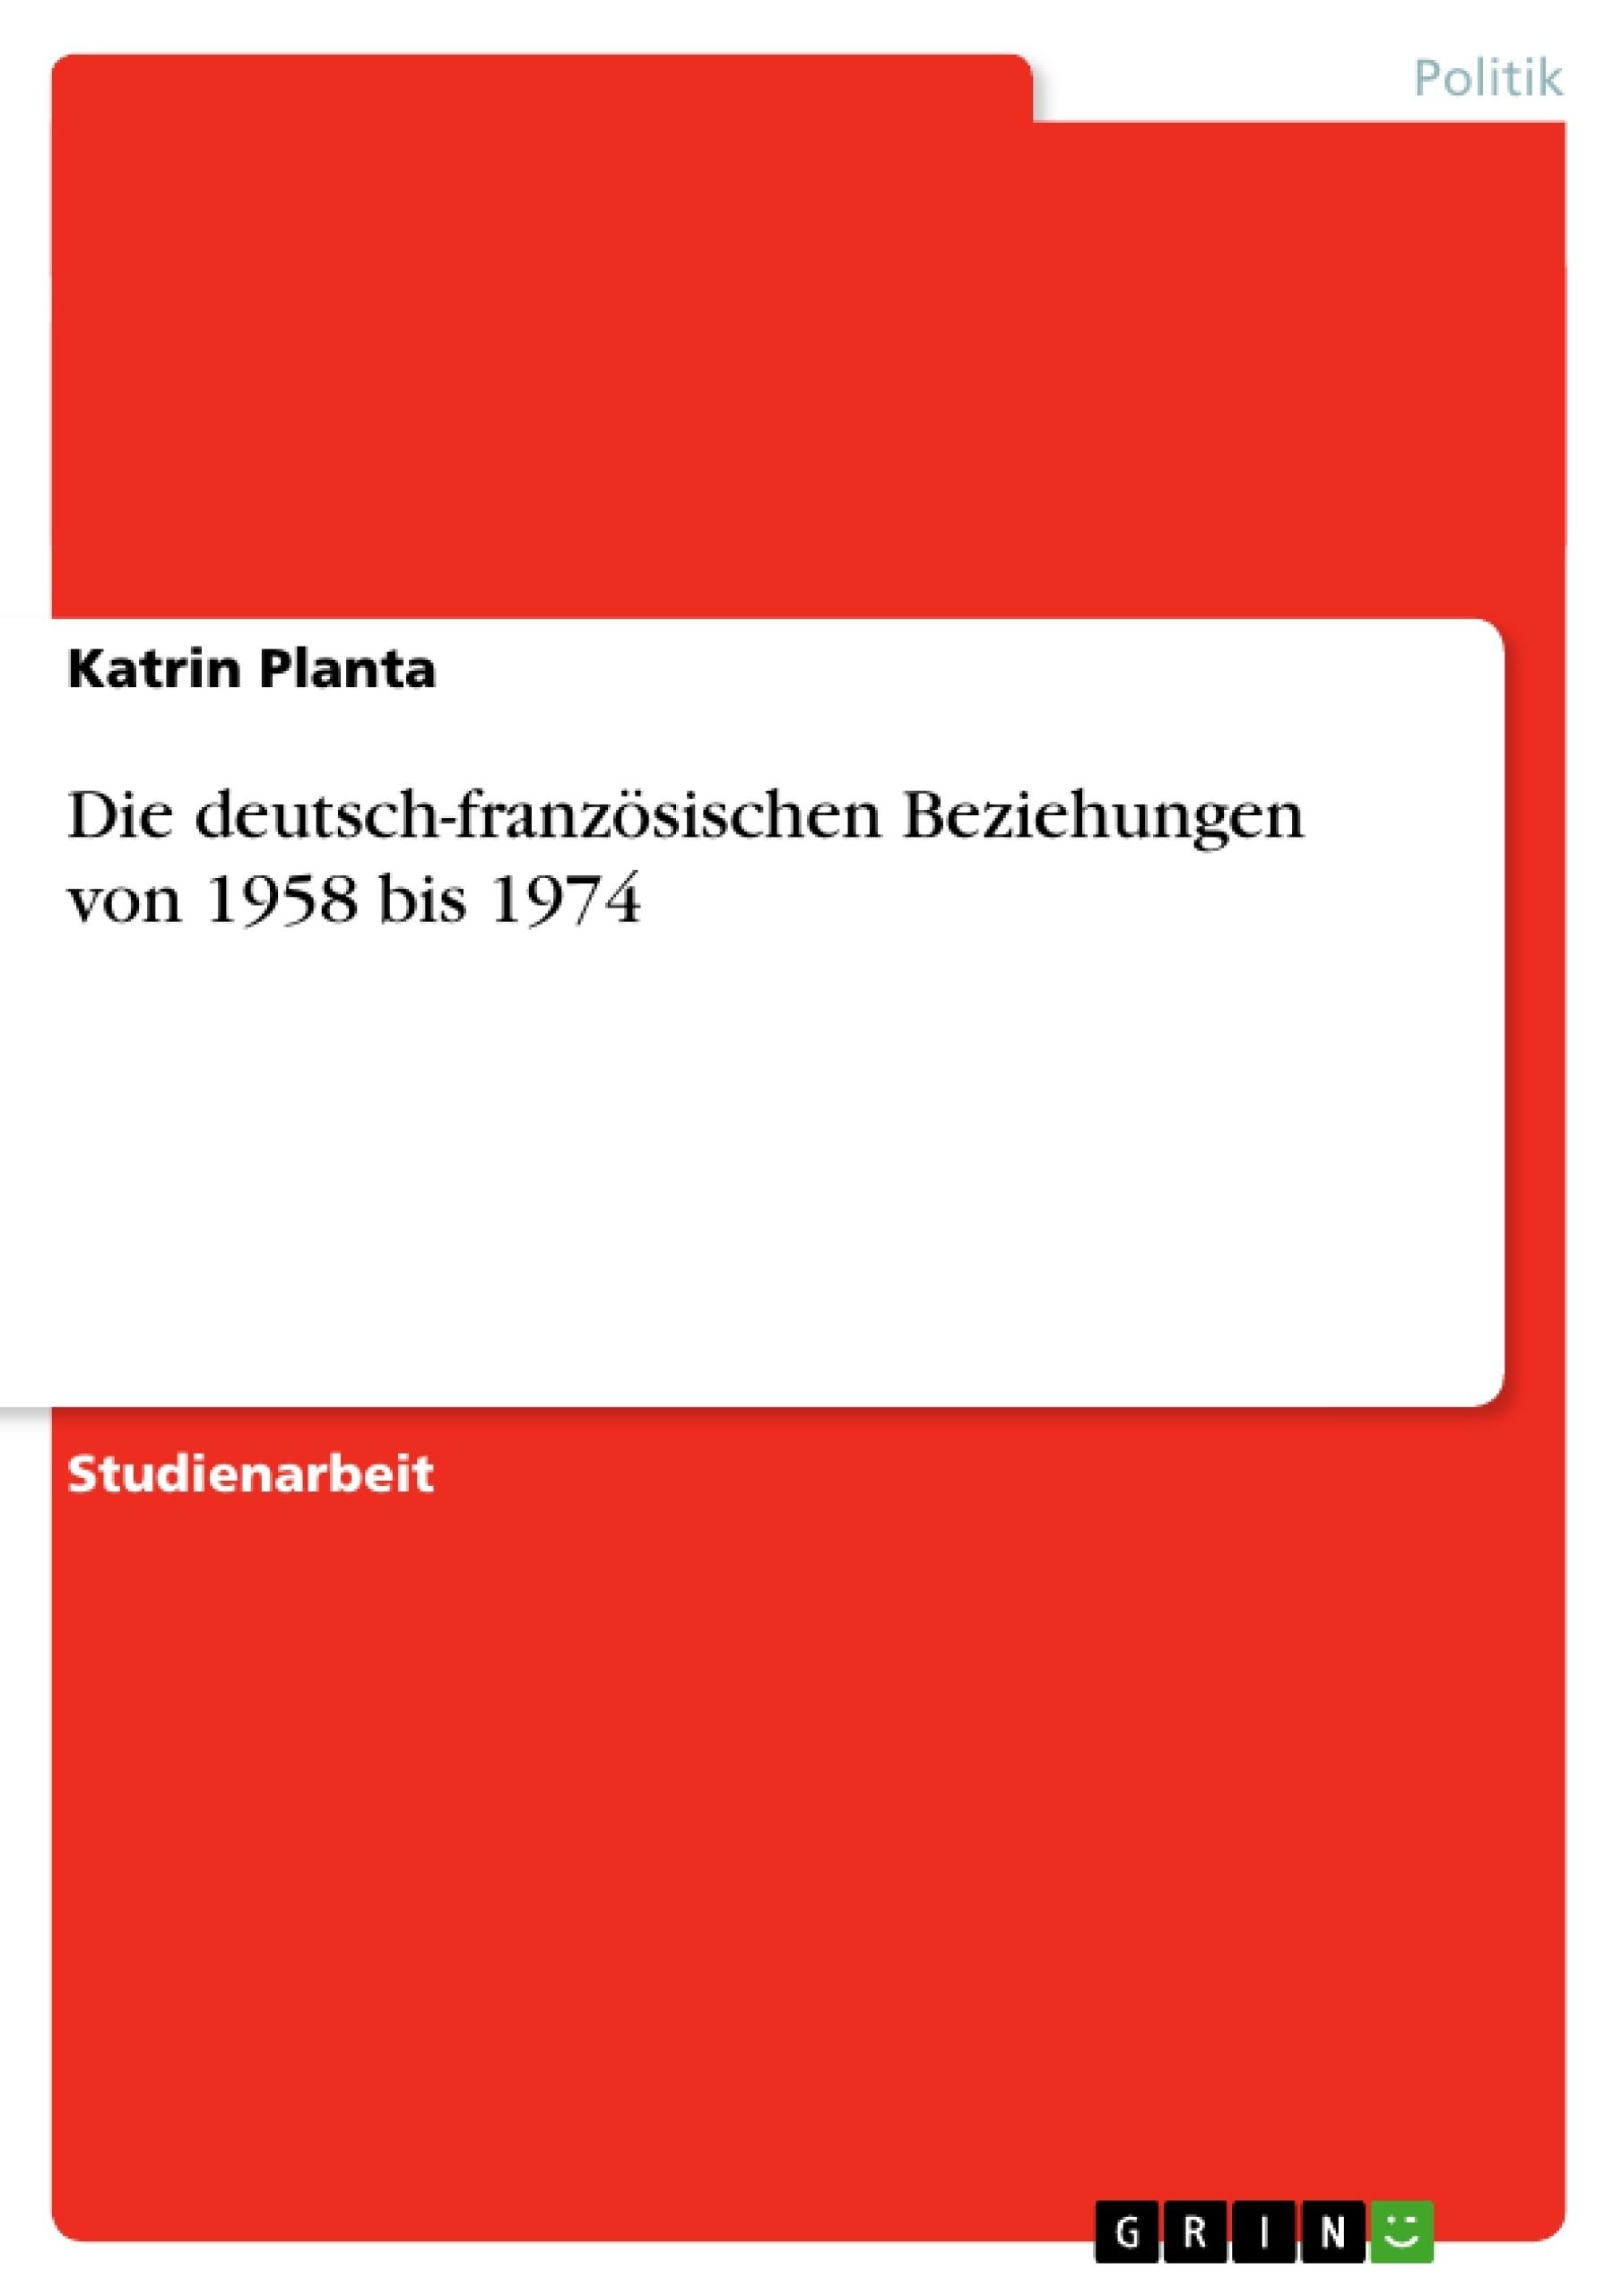 Titel: Die deutsch-französischen Beziehungen von 1958 bis 1974